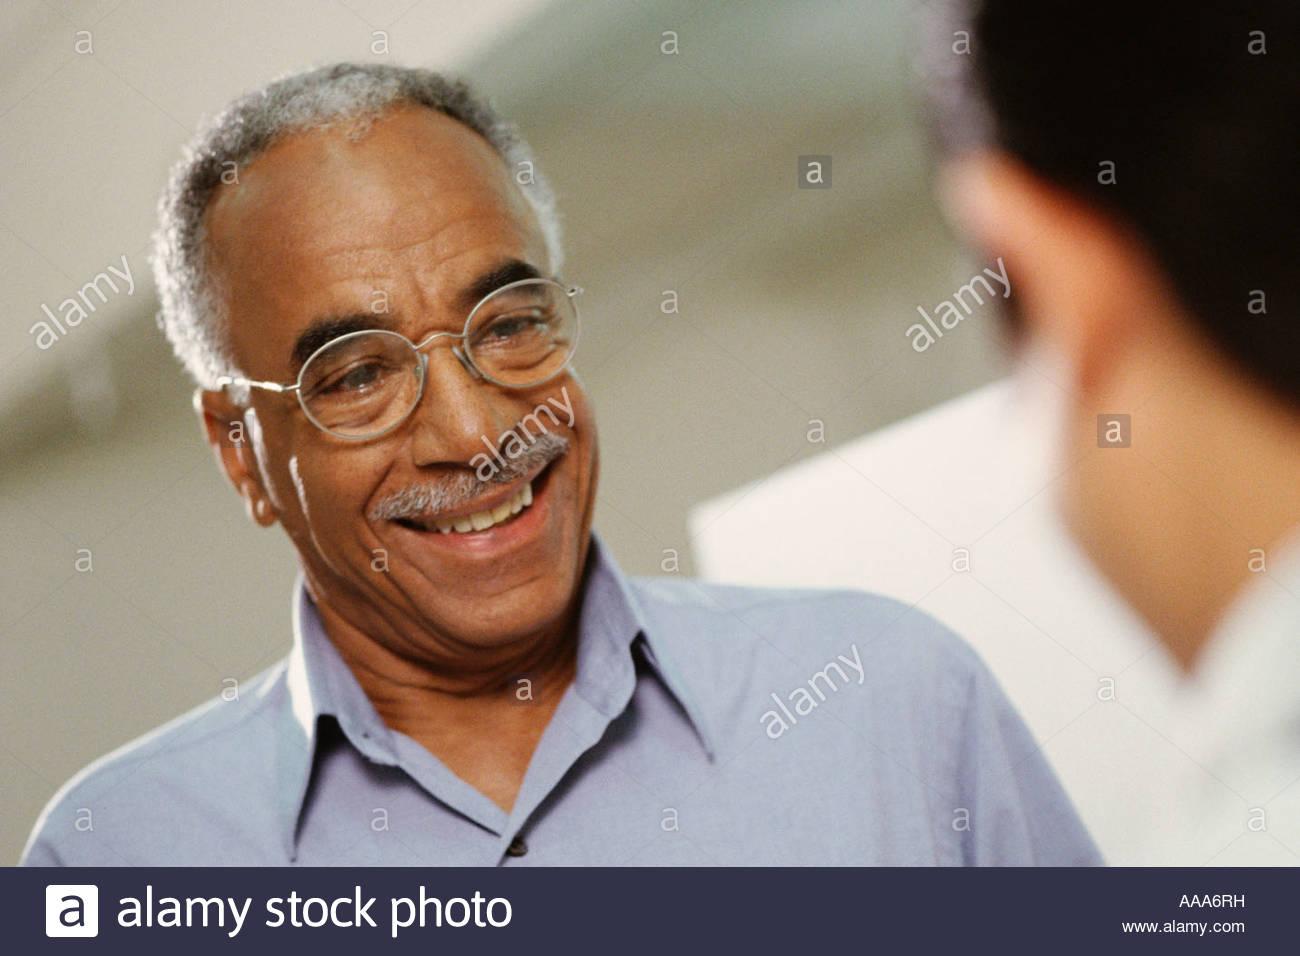 African man smiling - Stock Image